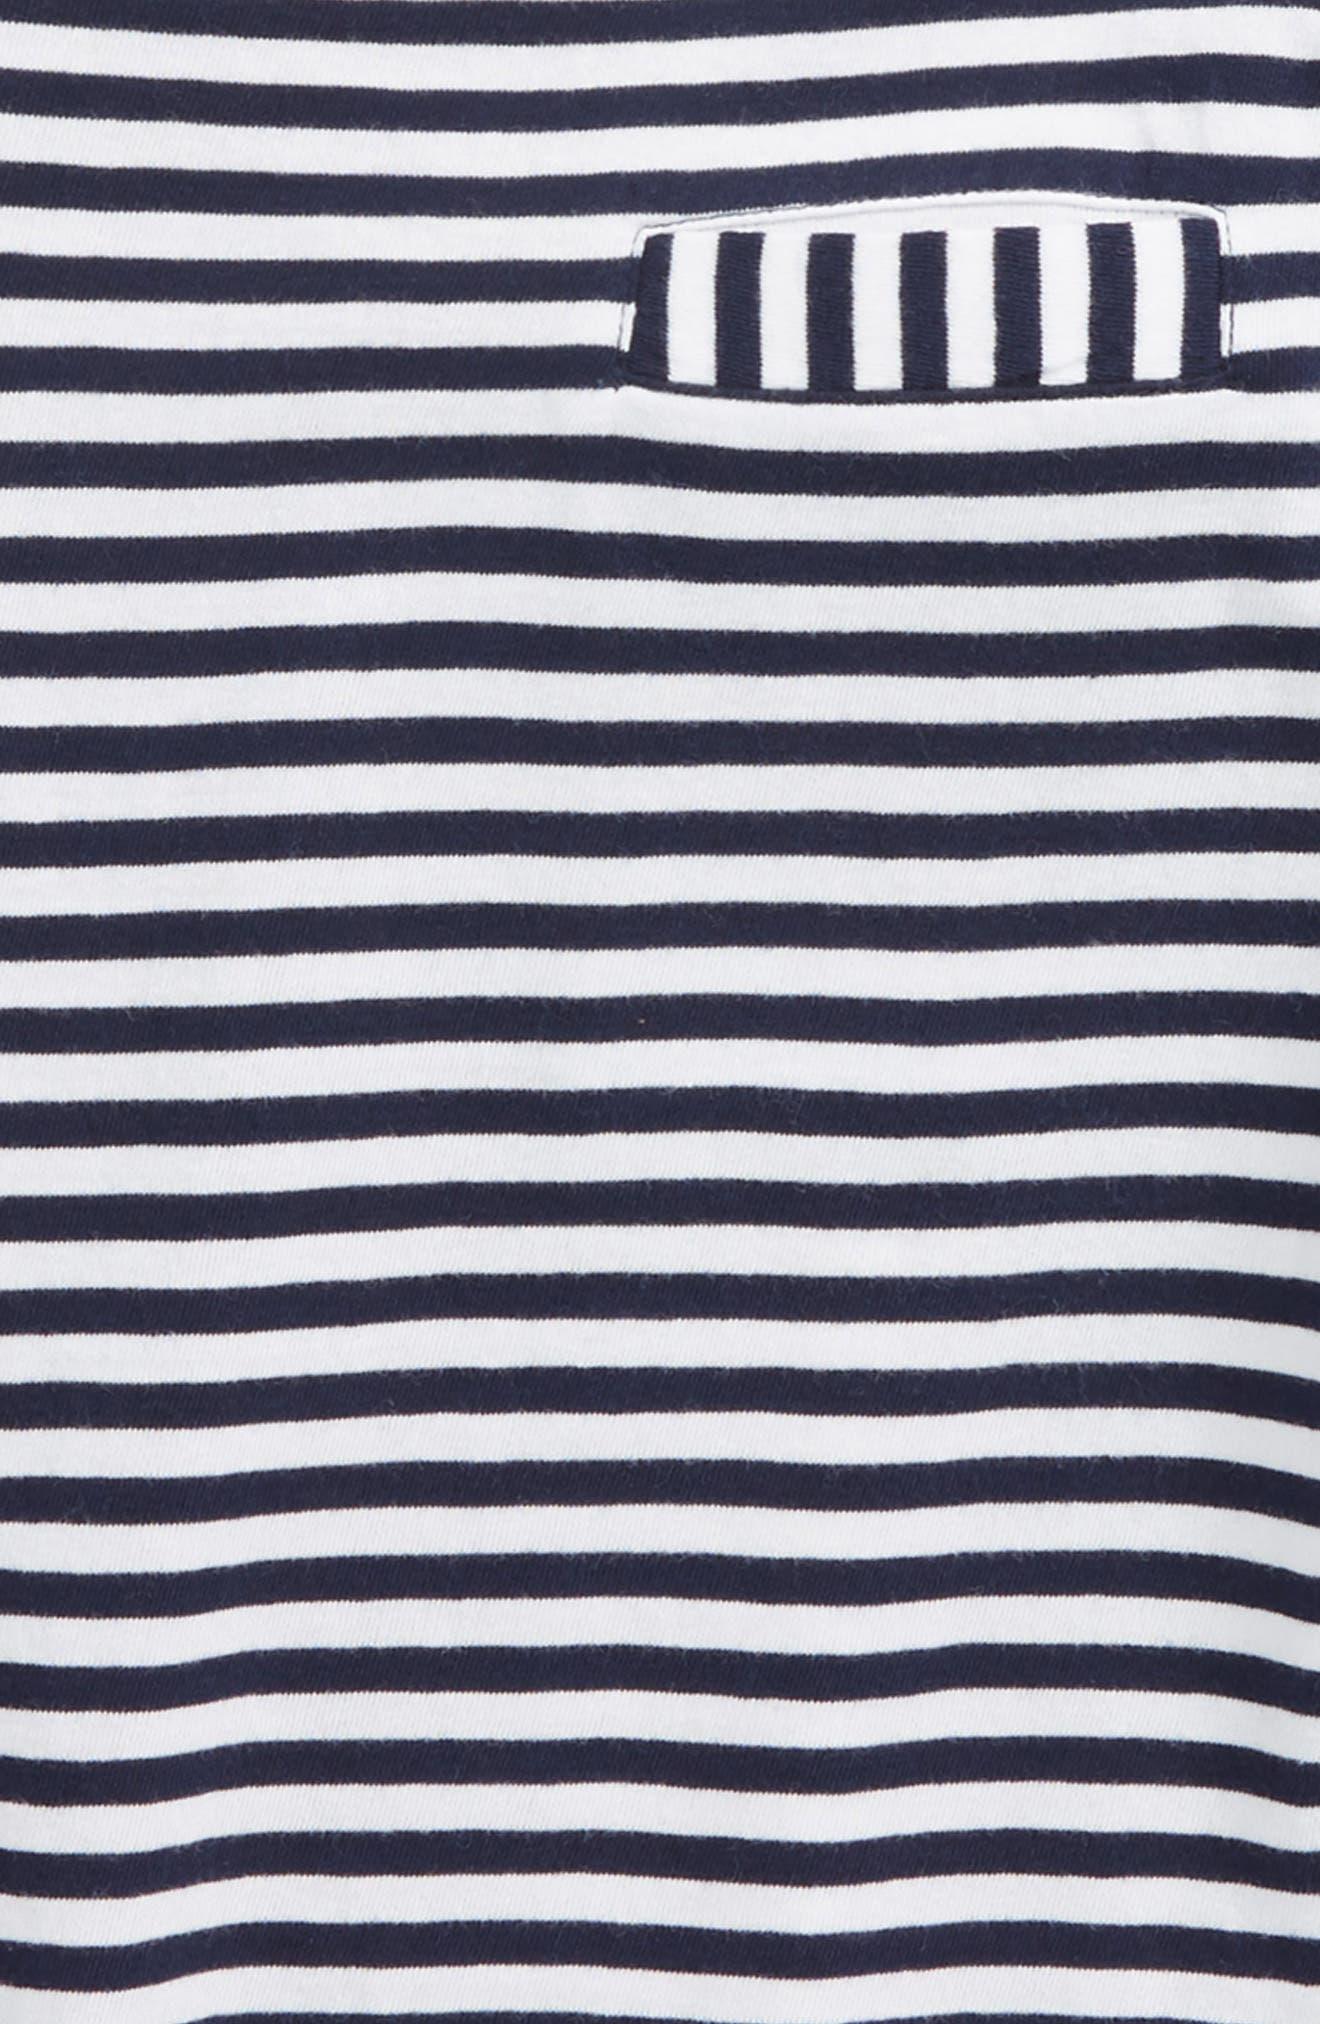 Stripe Pocket T-Shirt,                             Alternate thumbnail 2, color,                             Navy Denim- White Stripe